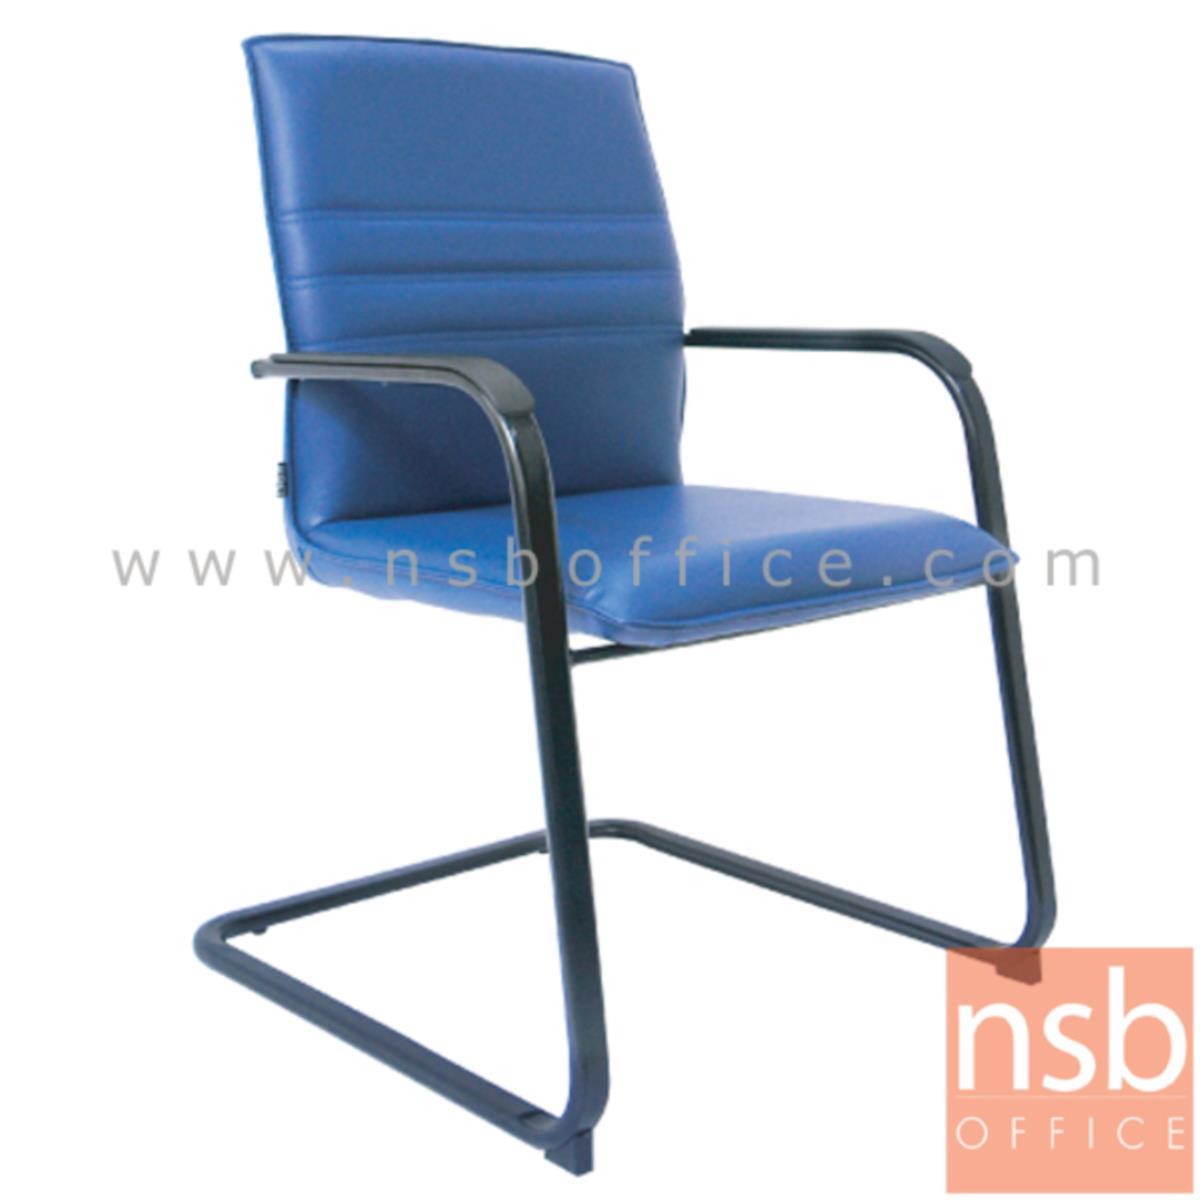 B04A079:เก้าอี้รับแขกขาตัวซี รุ่น Electro (อีเล็คโตร) ขาเหล็ก